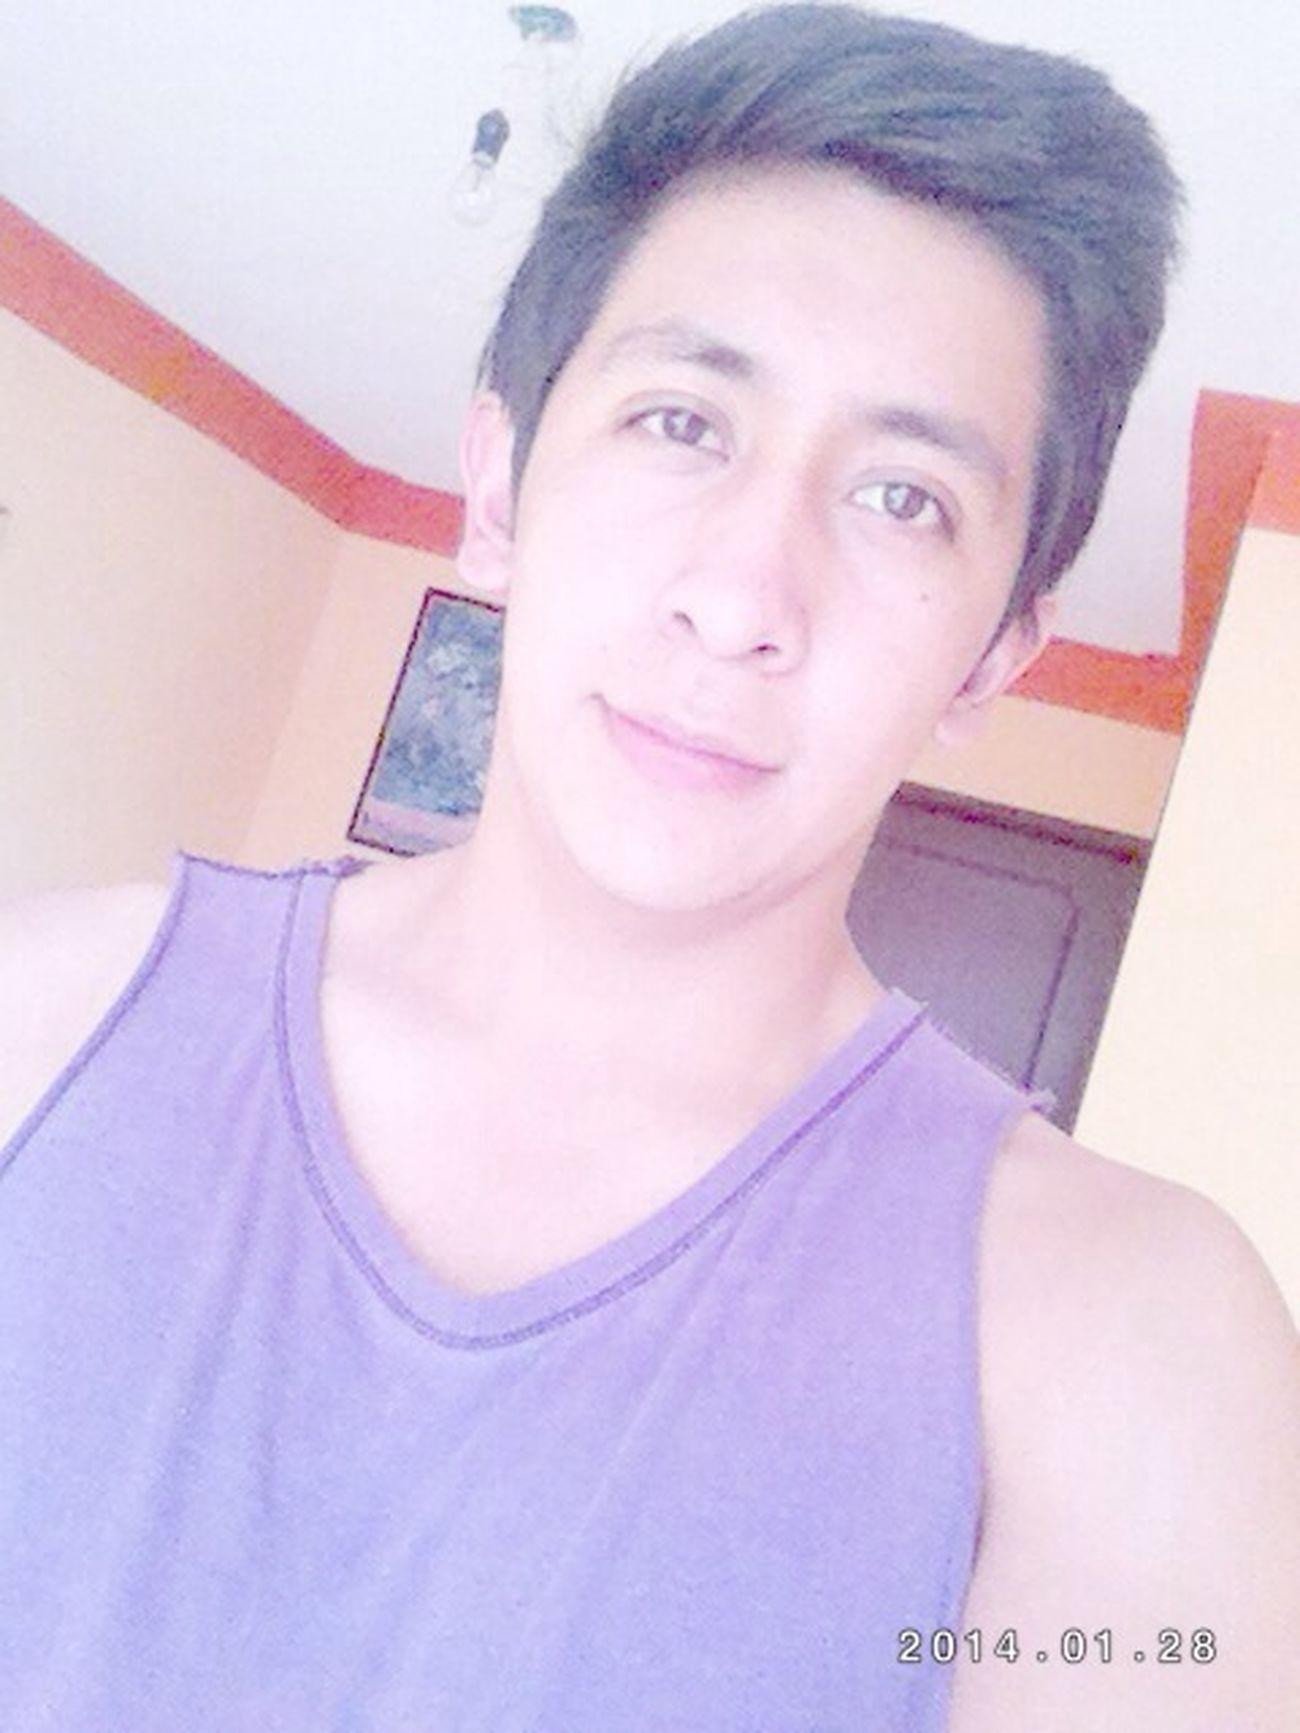 Selfie Nofilter Portrait Boy :D